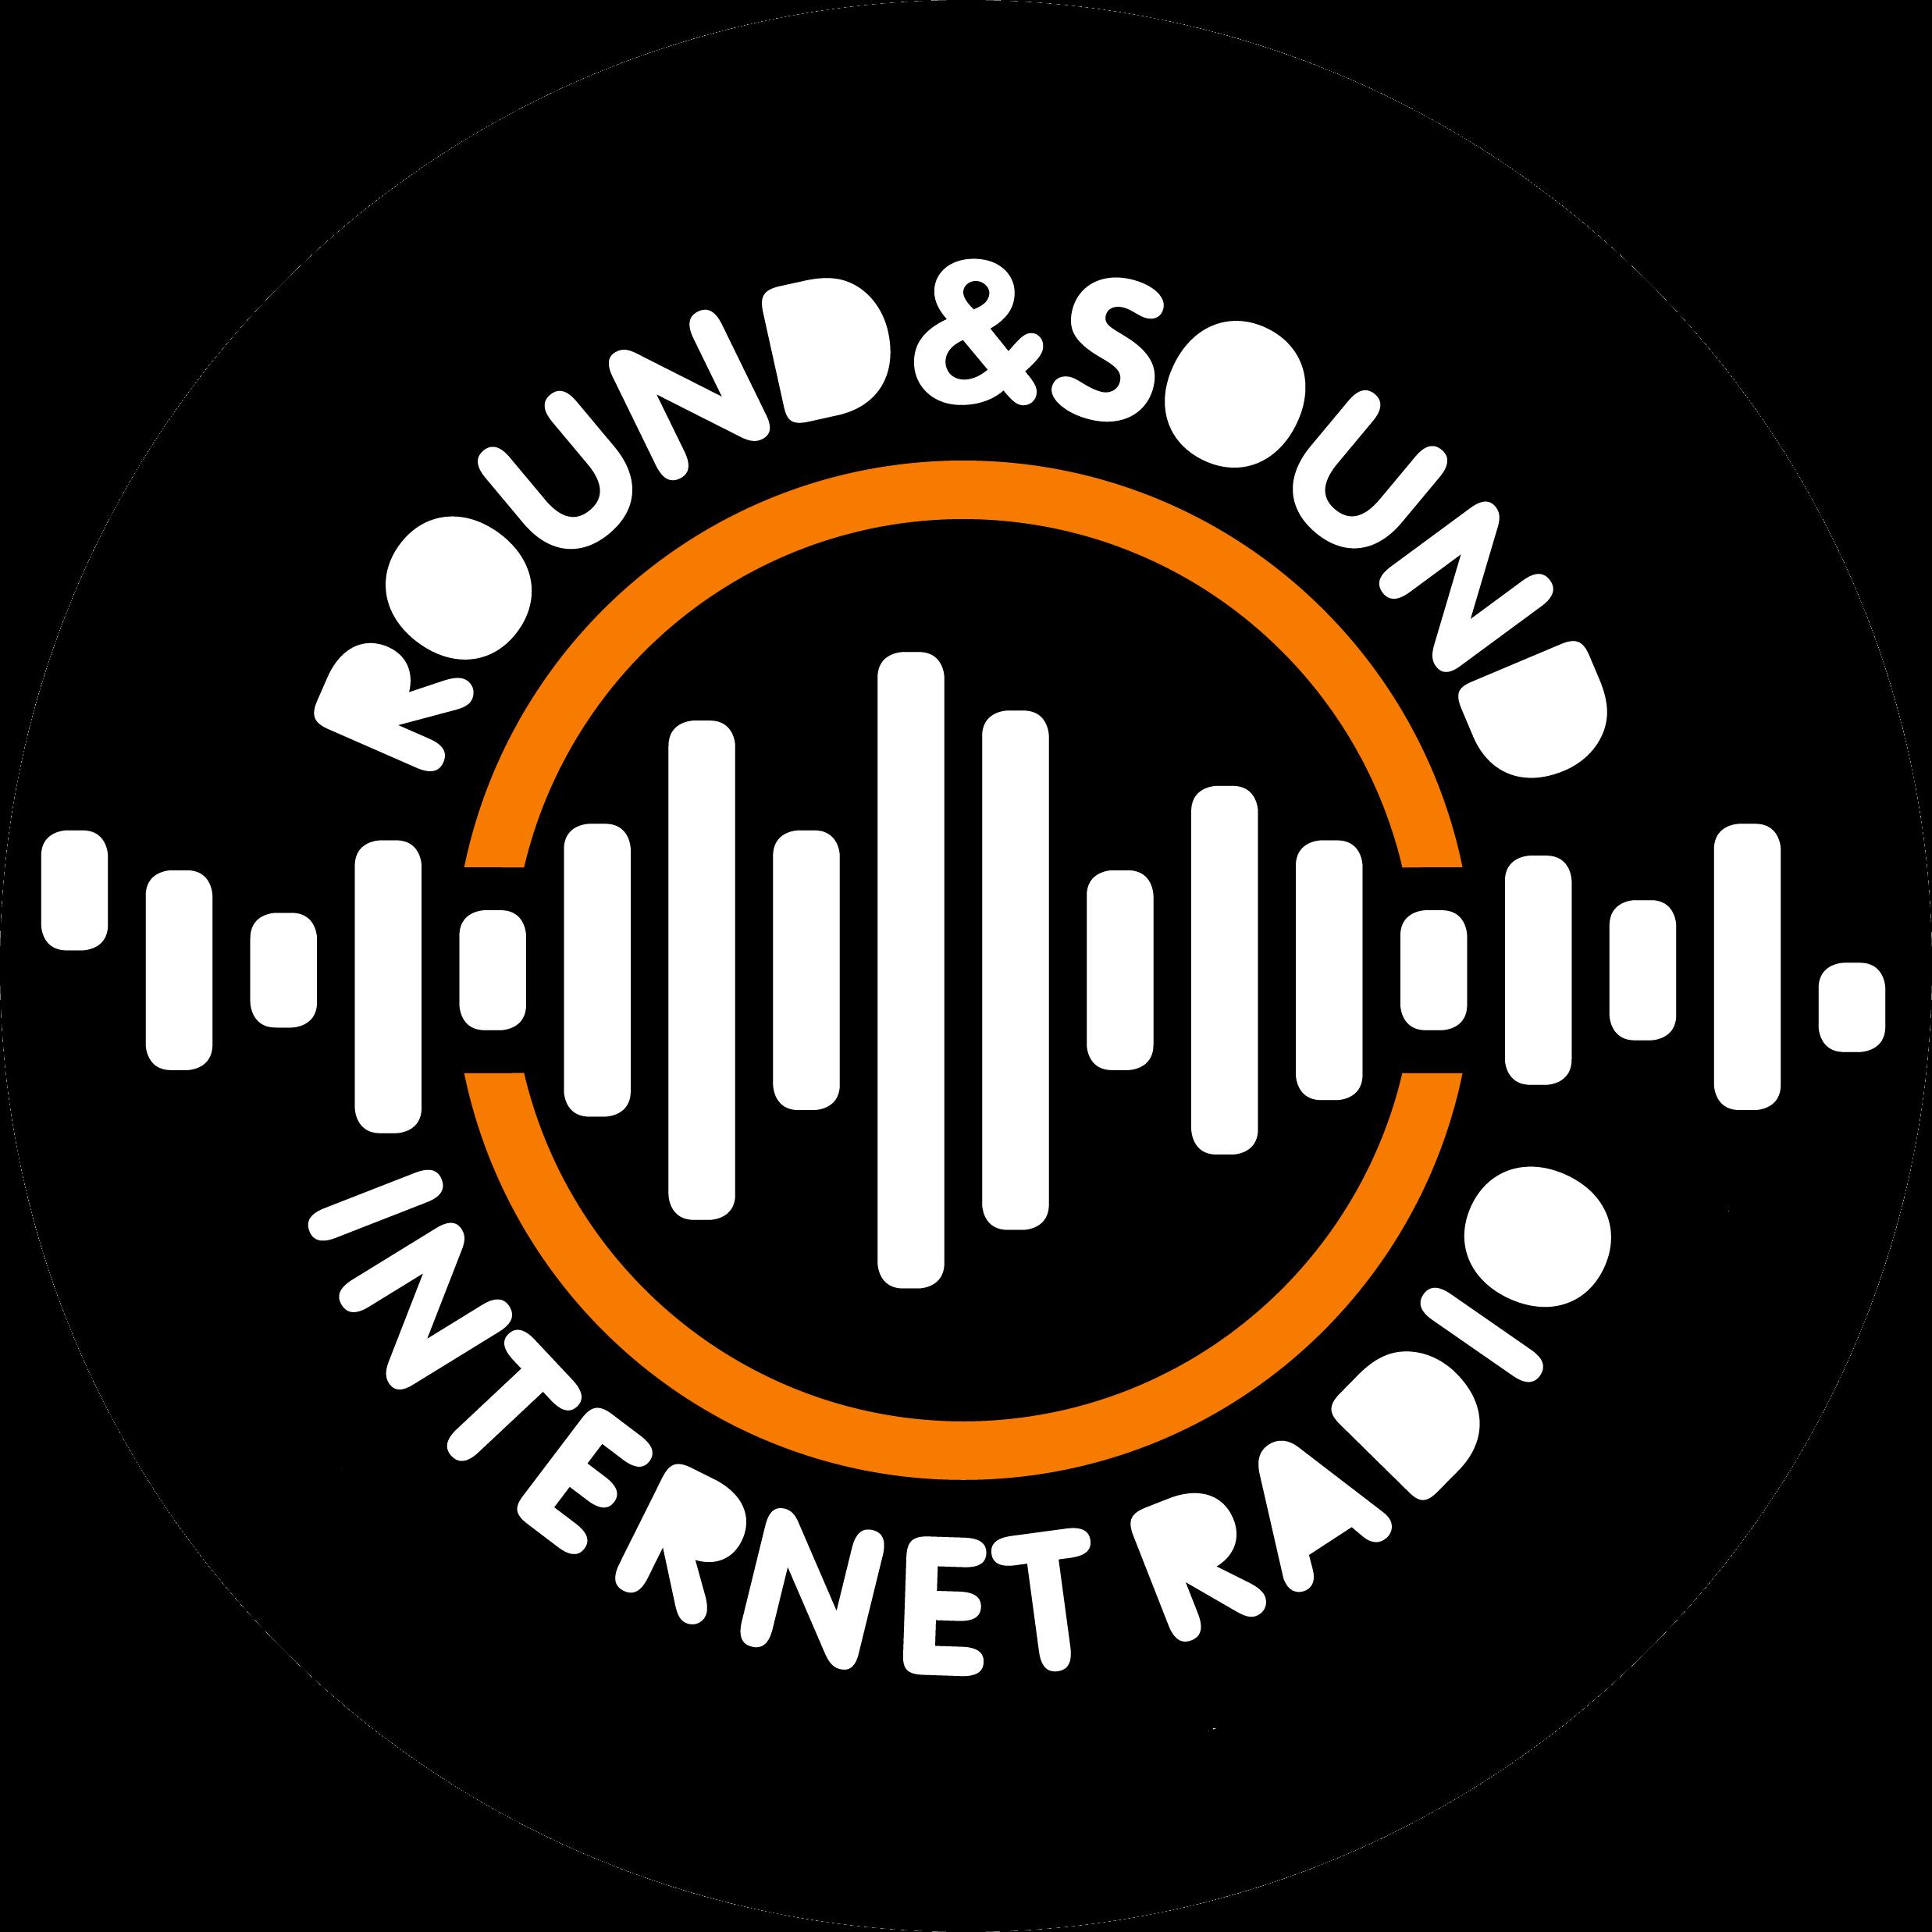 Roundandsound.nl 128